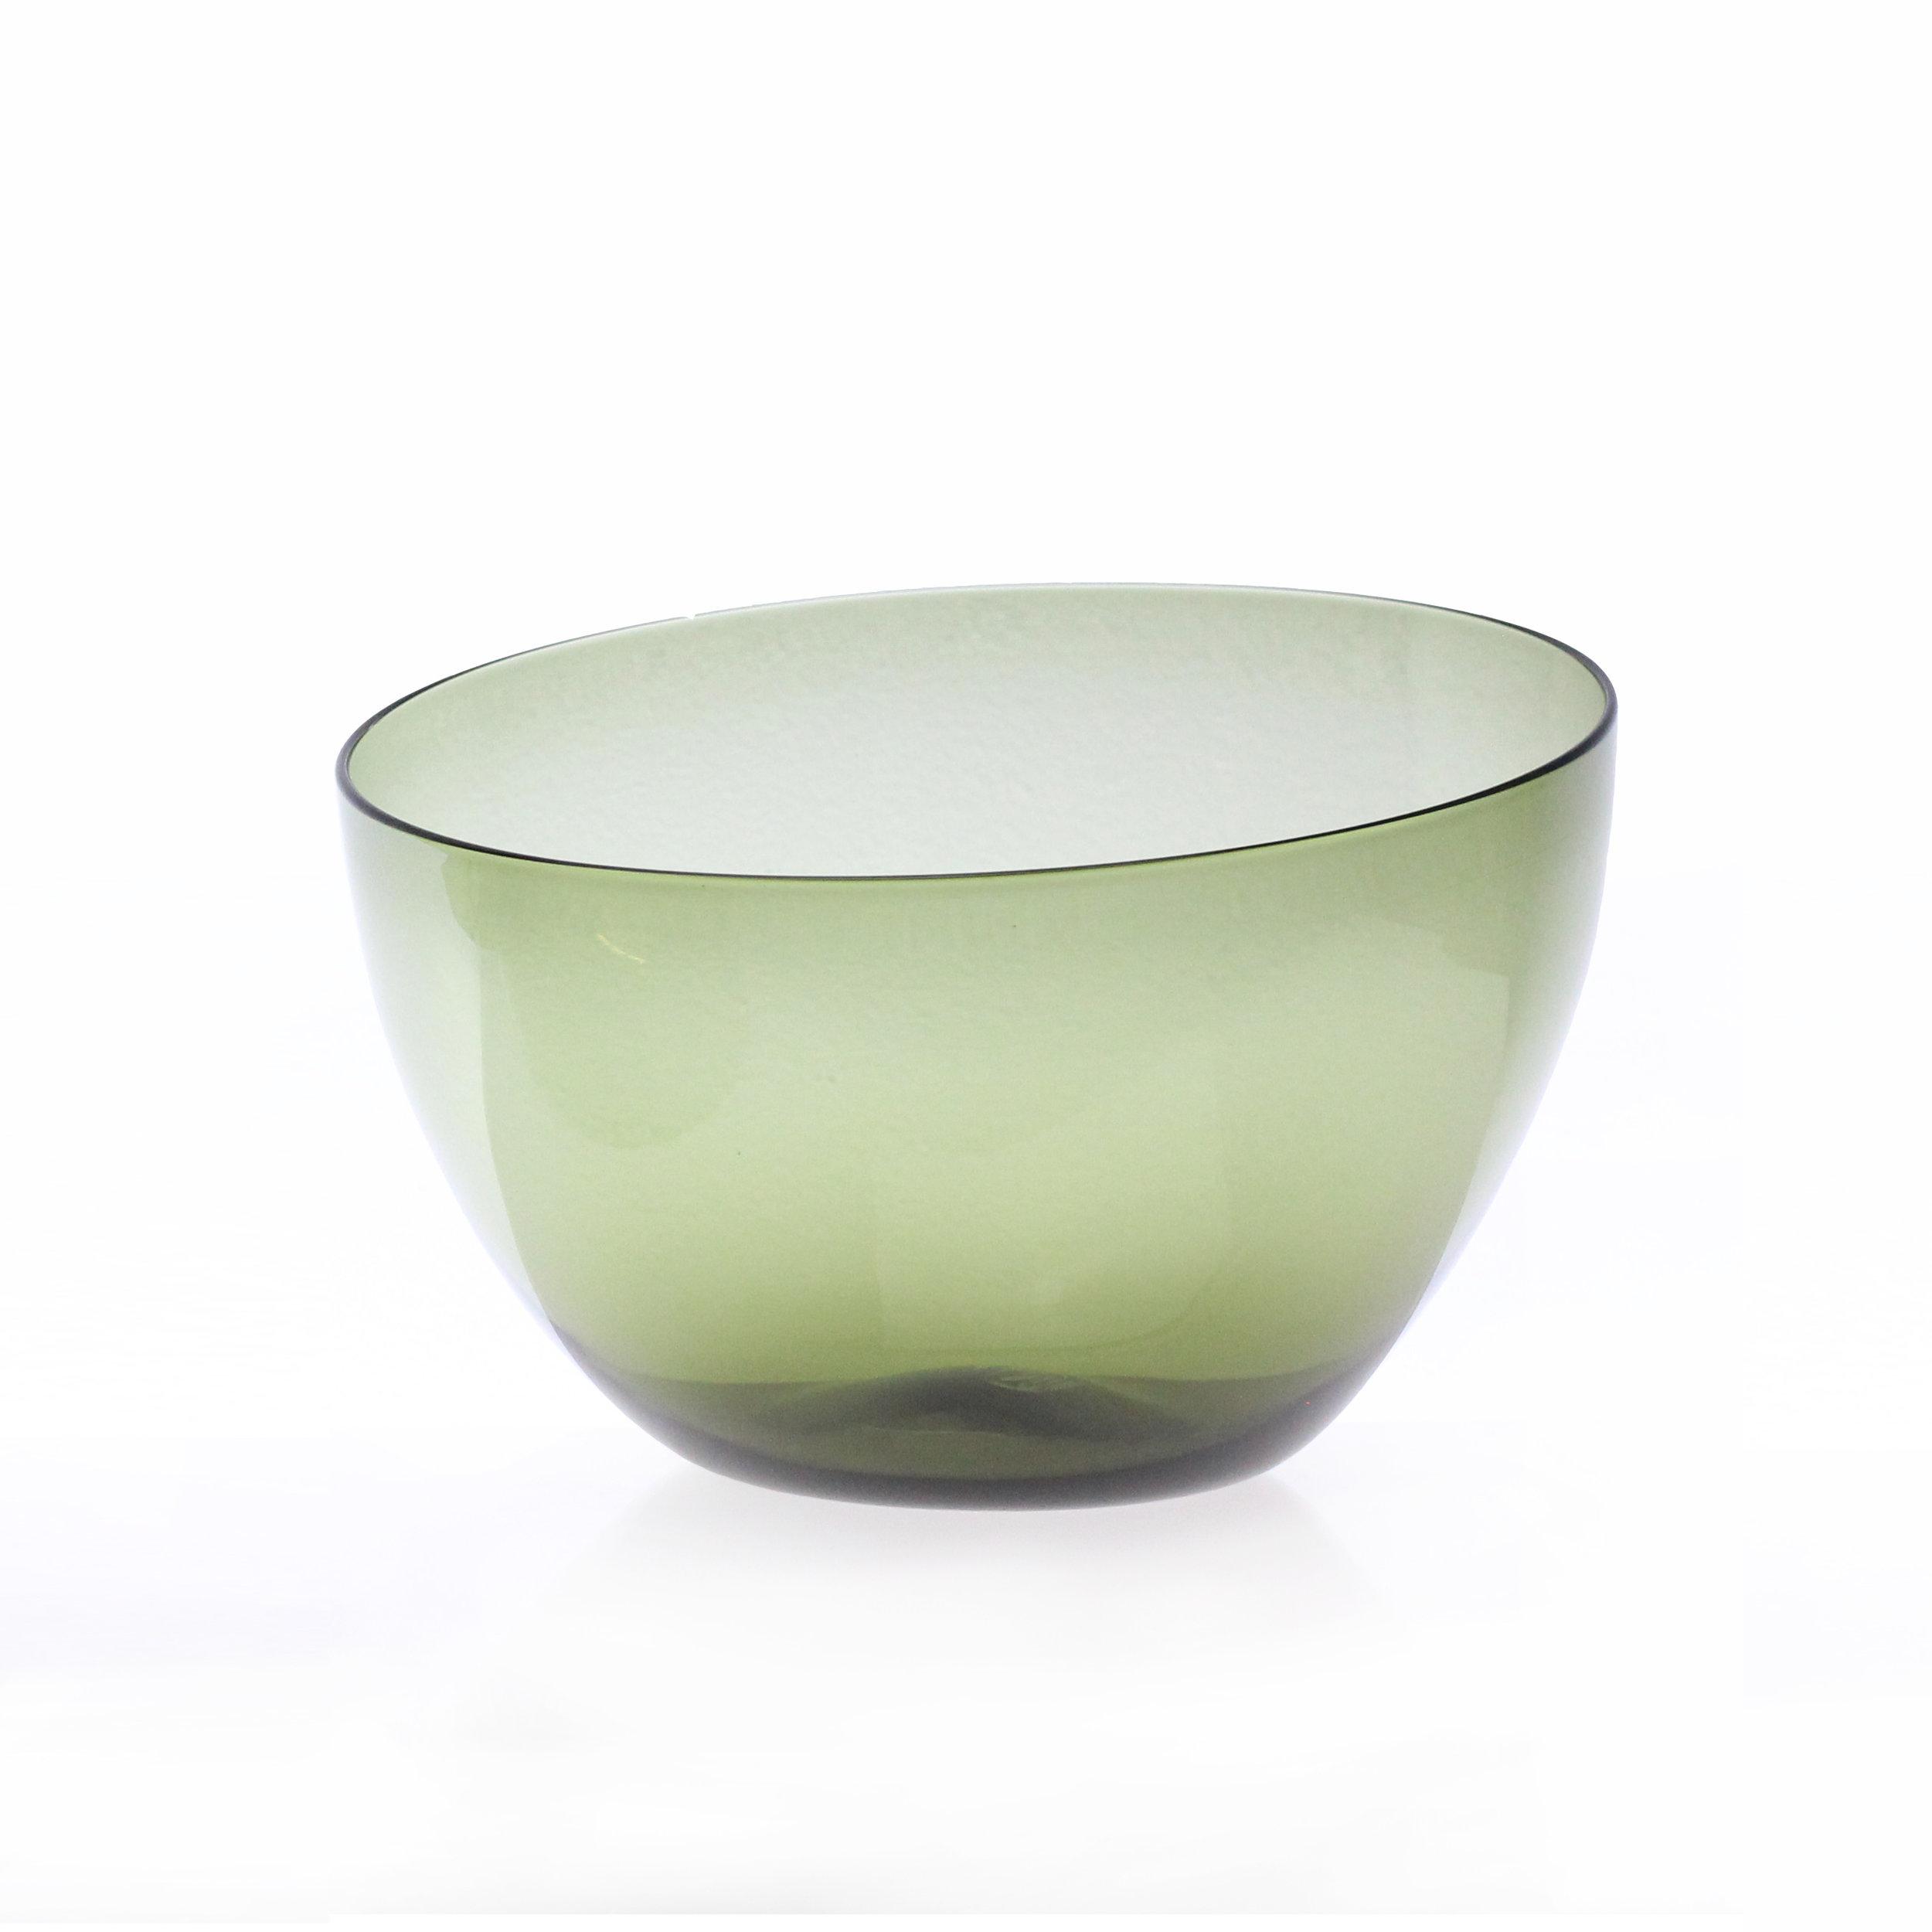 TIlt Bowl Large - EEL.jpg